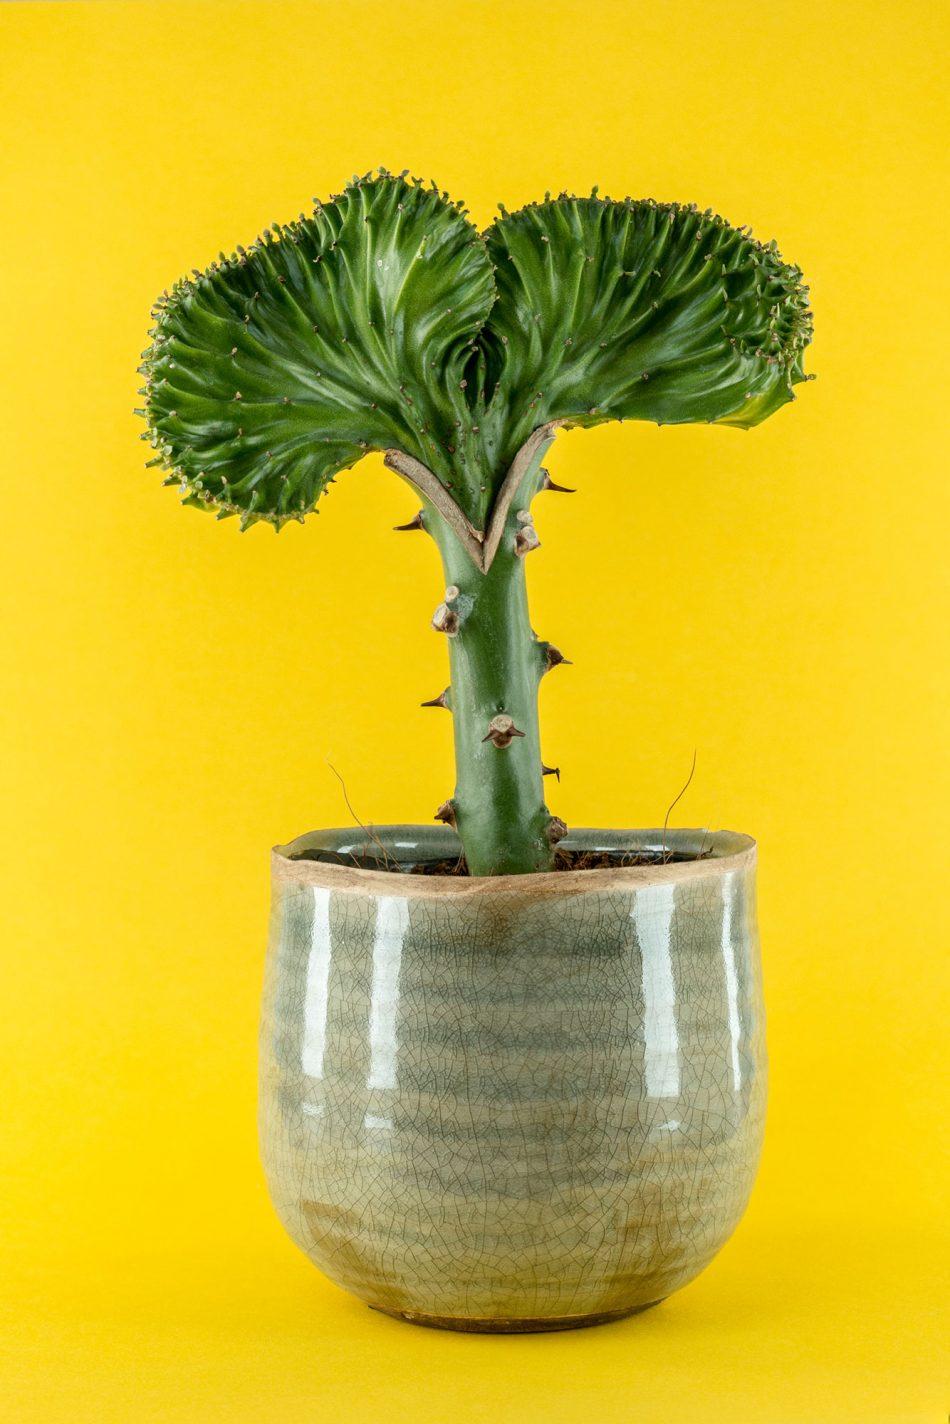 Kleurrijke productfoto van een cactus kamerplant